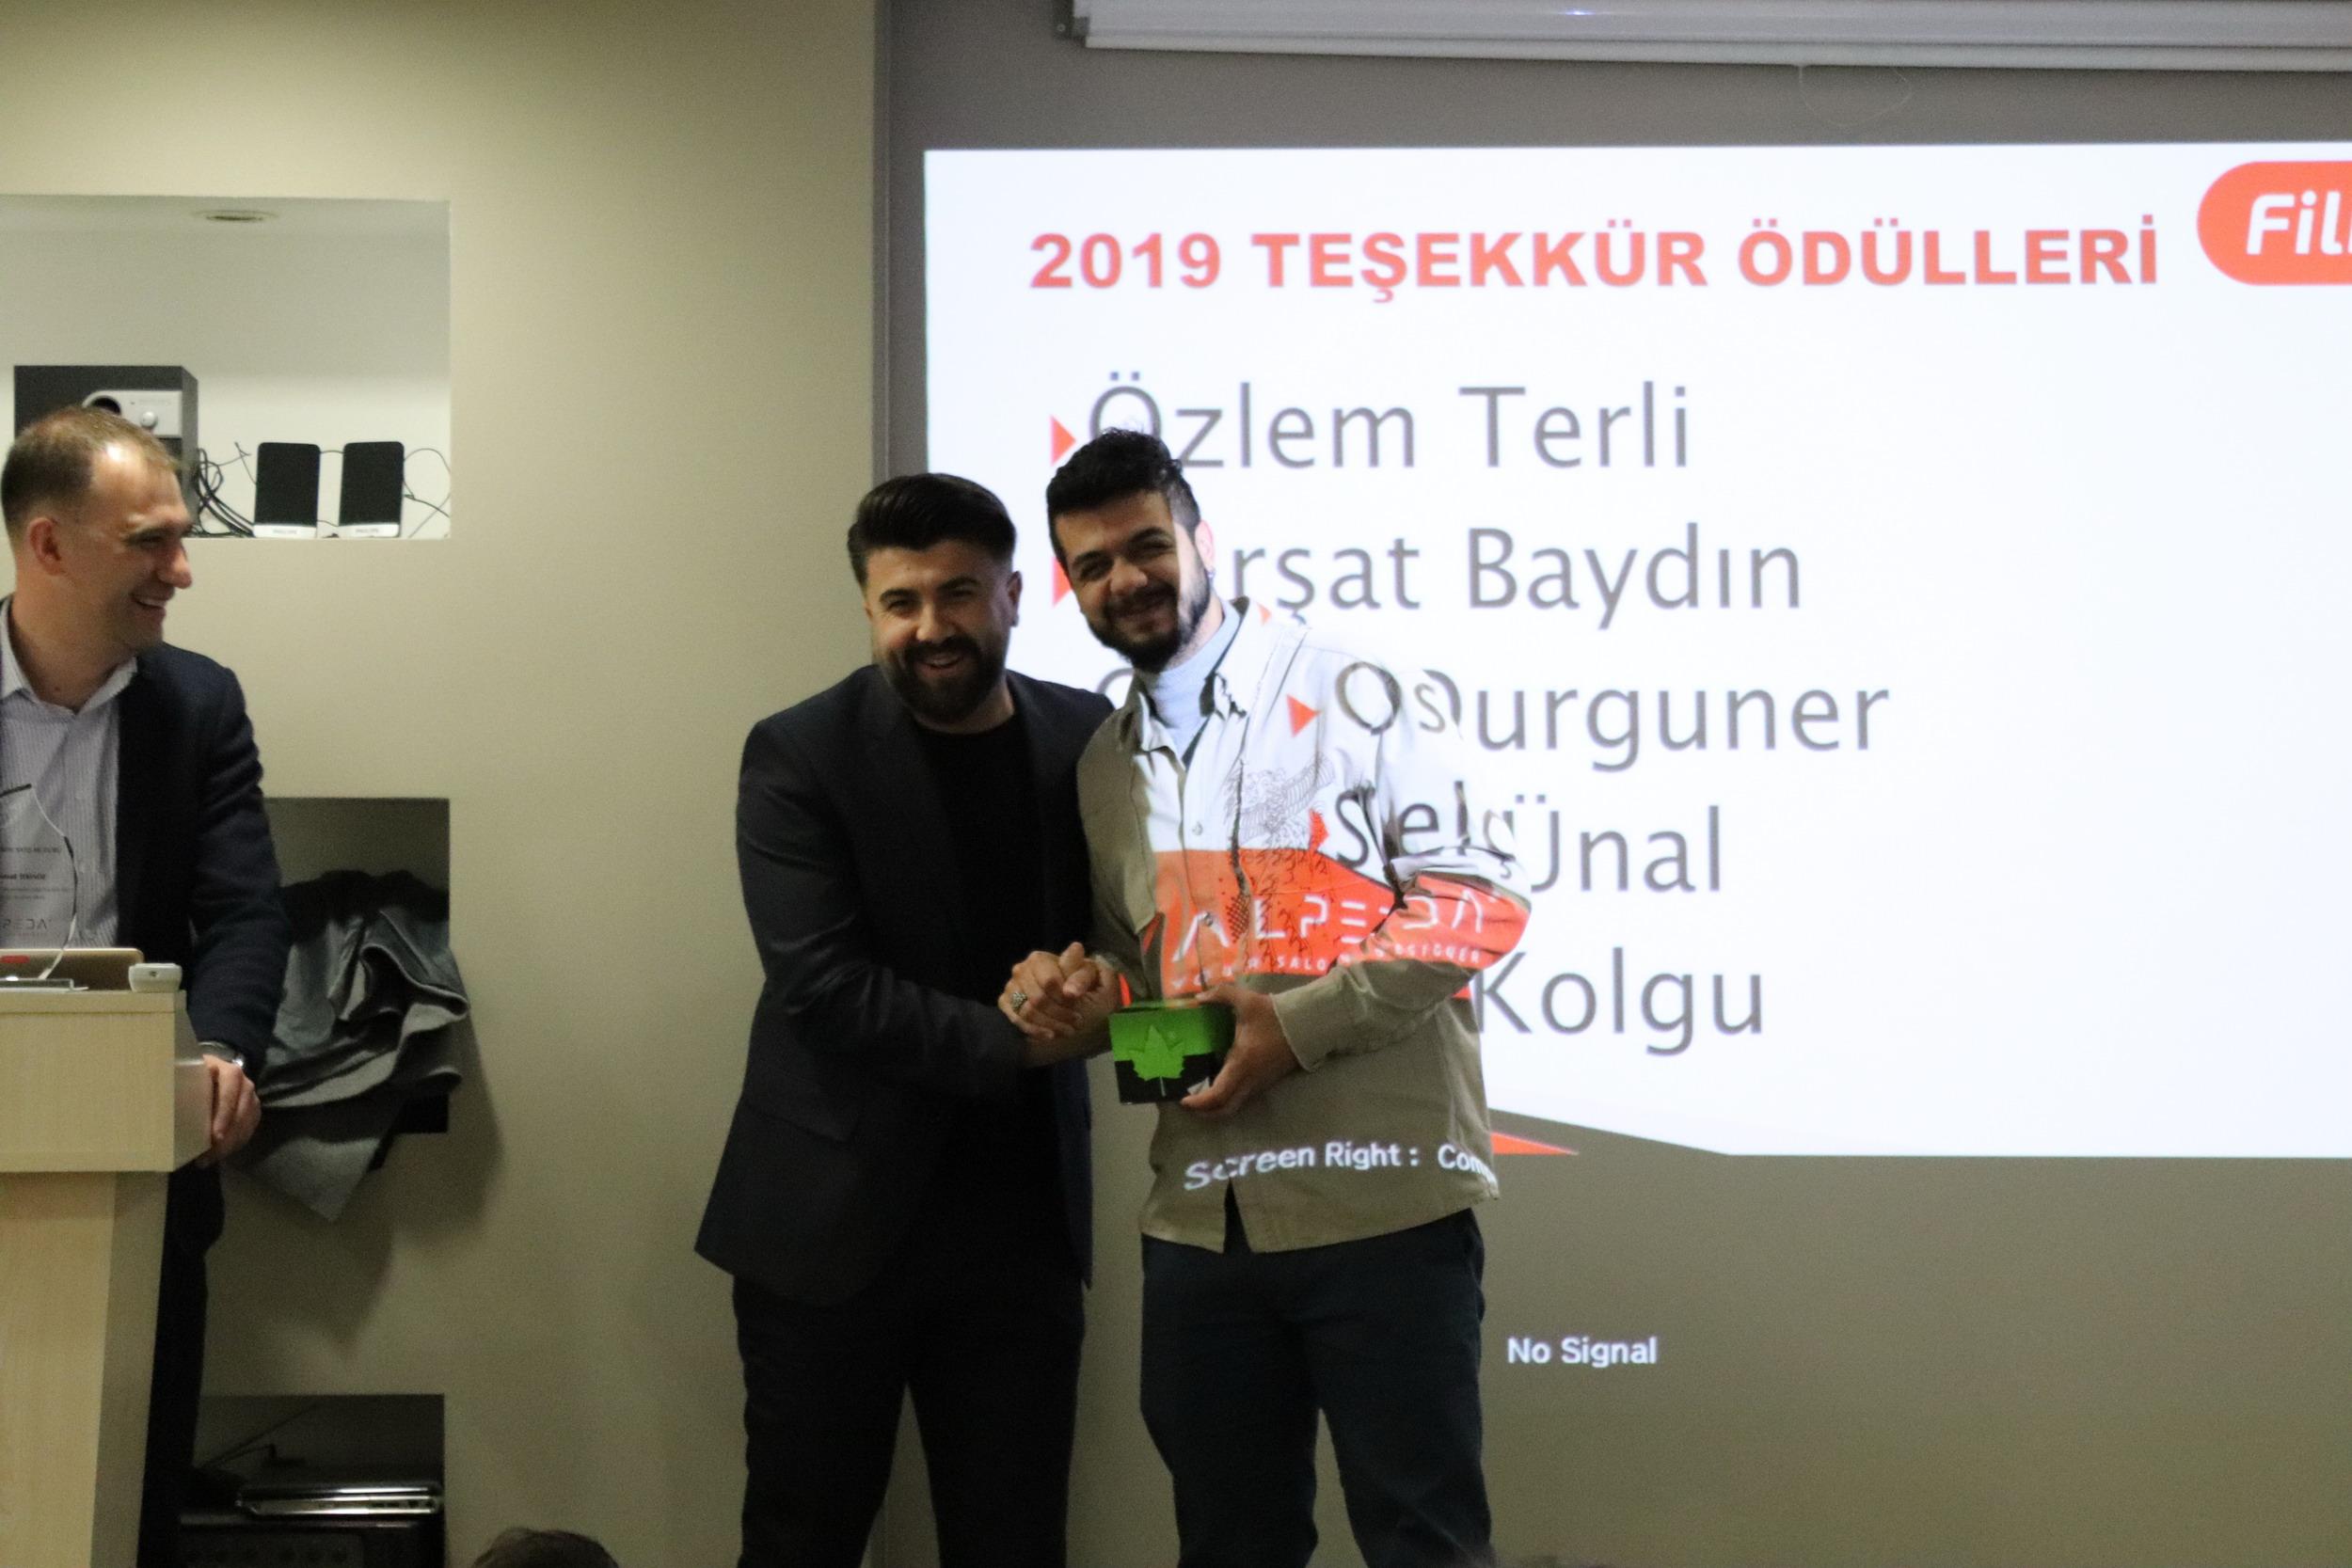 2019 BAŞARI ÖDÜLLERİ PERSONELİMİZE TAKDİM EDİLDİ